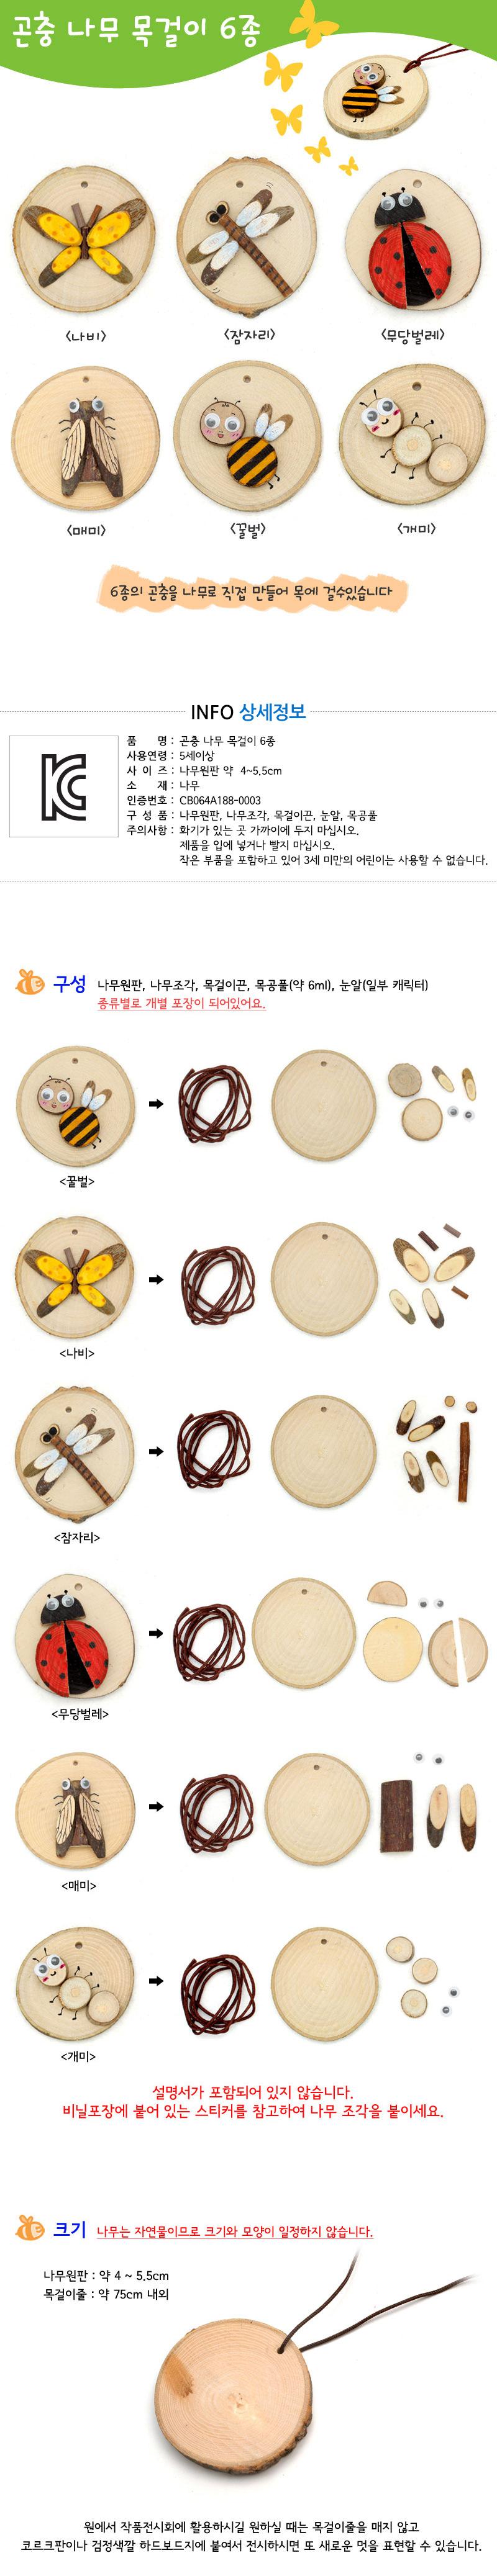 곤충 나무 목걸이 만들기 6종 - 에코키즈, 7,800원, 우드공예, 우드공예 패키지